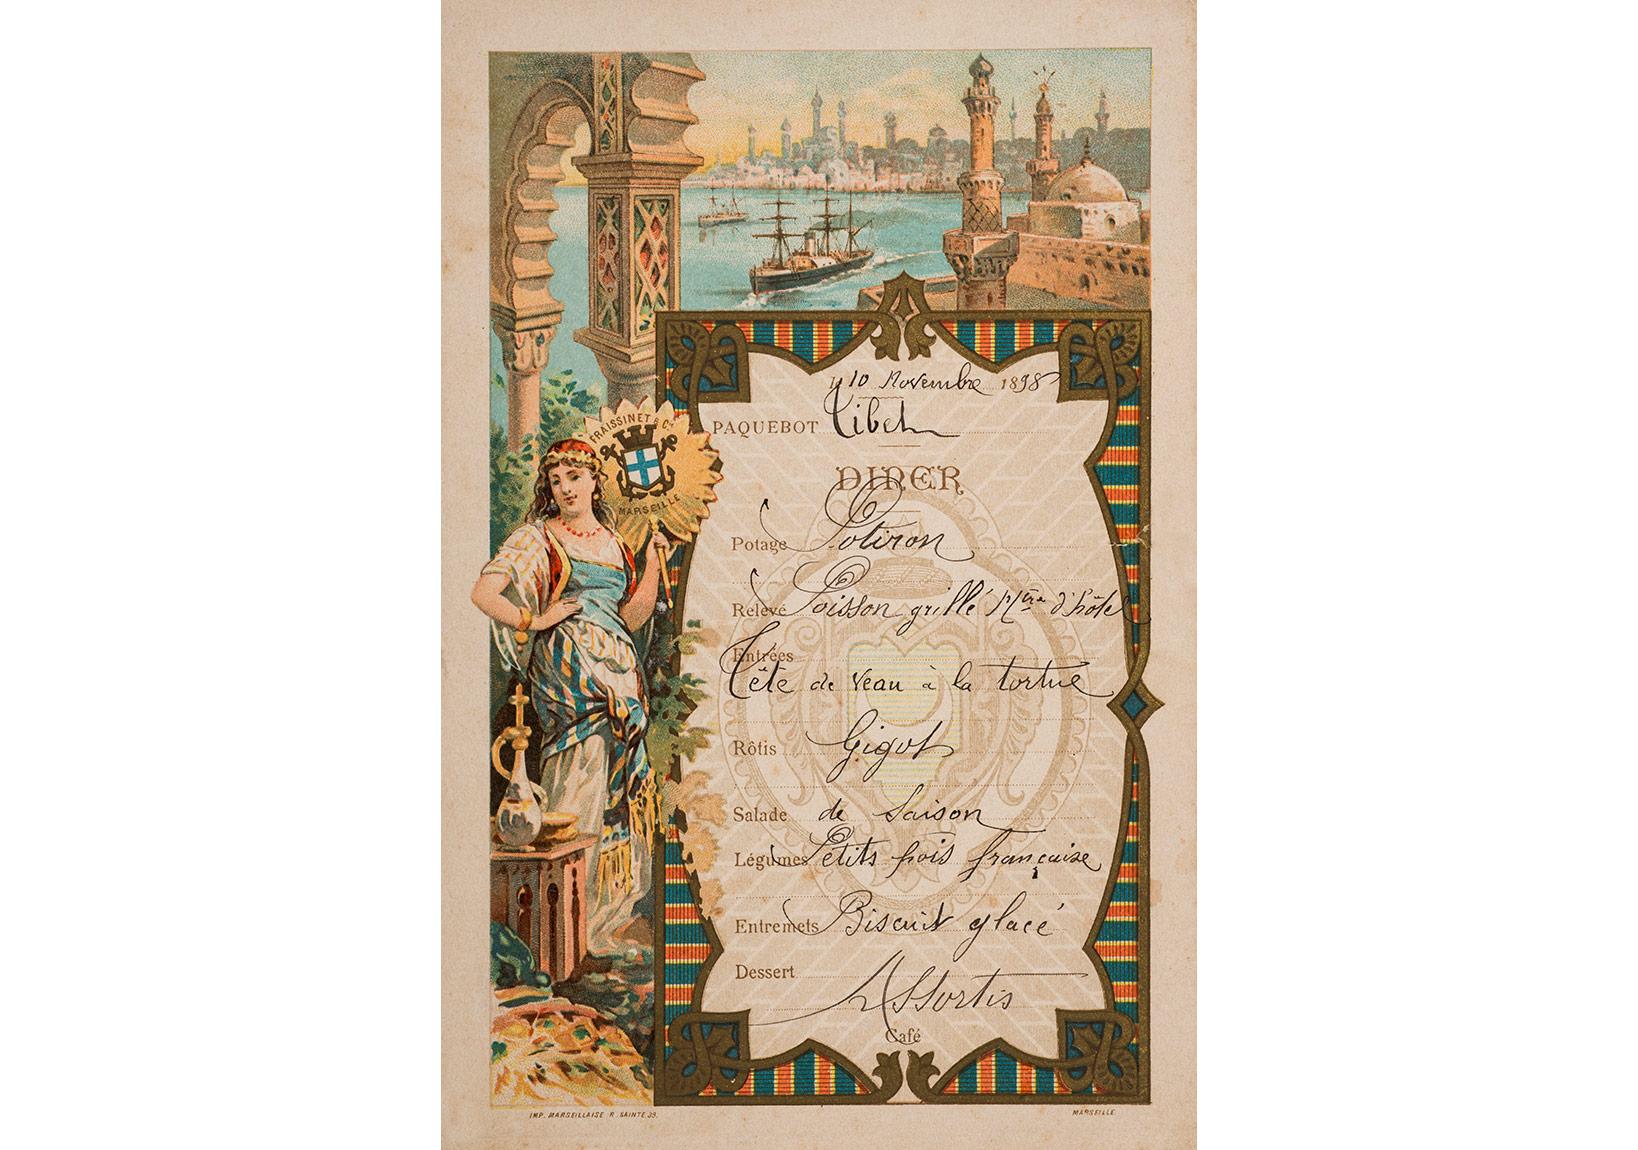 Compagnie Fraissinet'e ait Liban gemisinin akşam yemeği menüsü. 10 Kasım 1898, Pierre de Gigord Koleksiyonu.